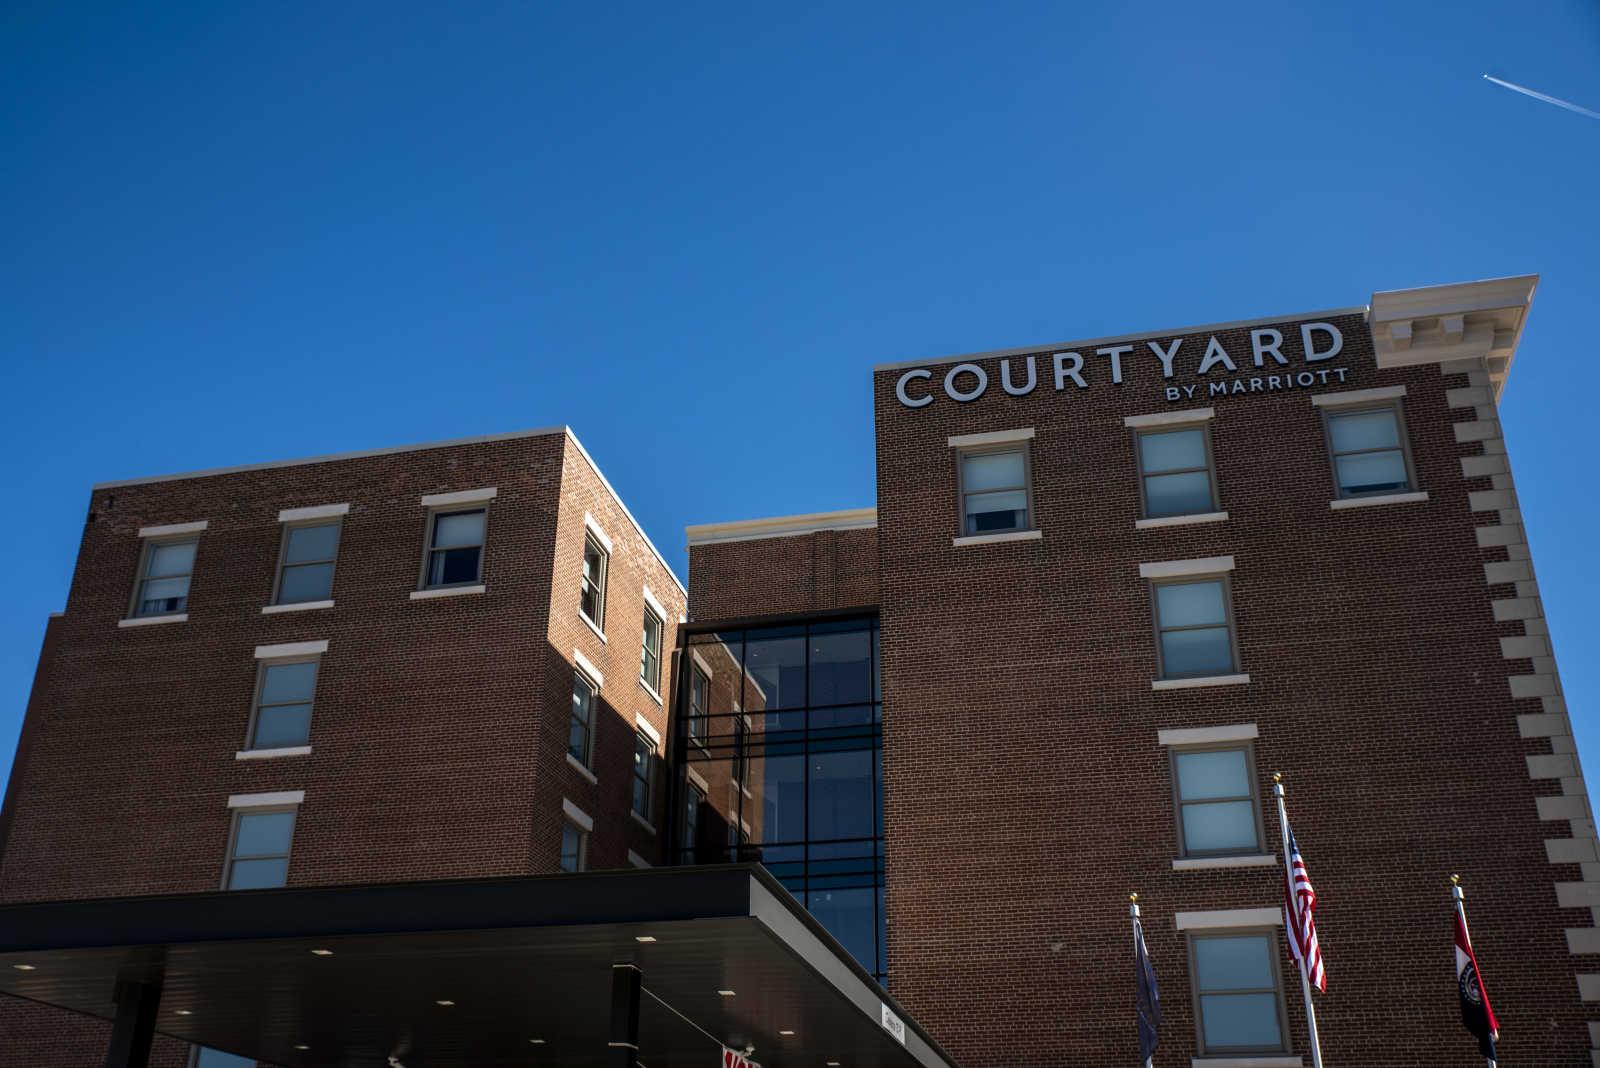 Courtyard Marriott - Cape Girardeau, Missouri